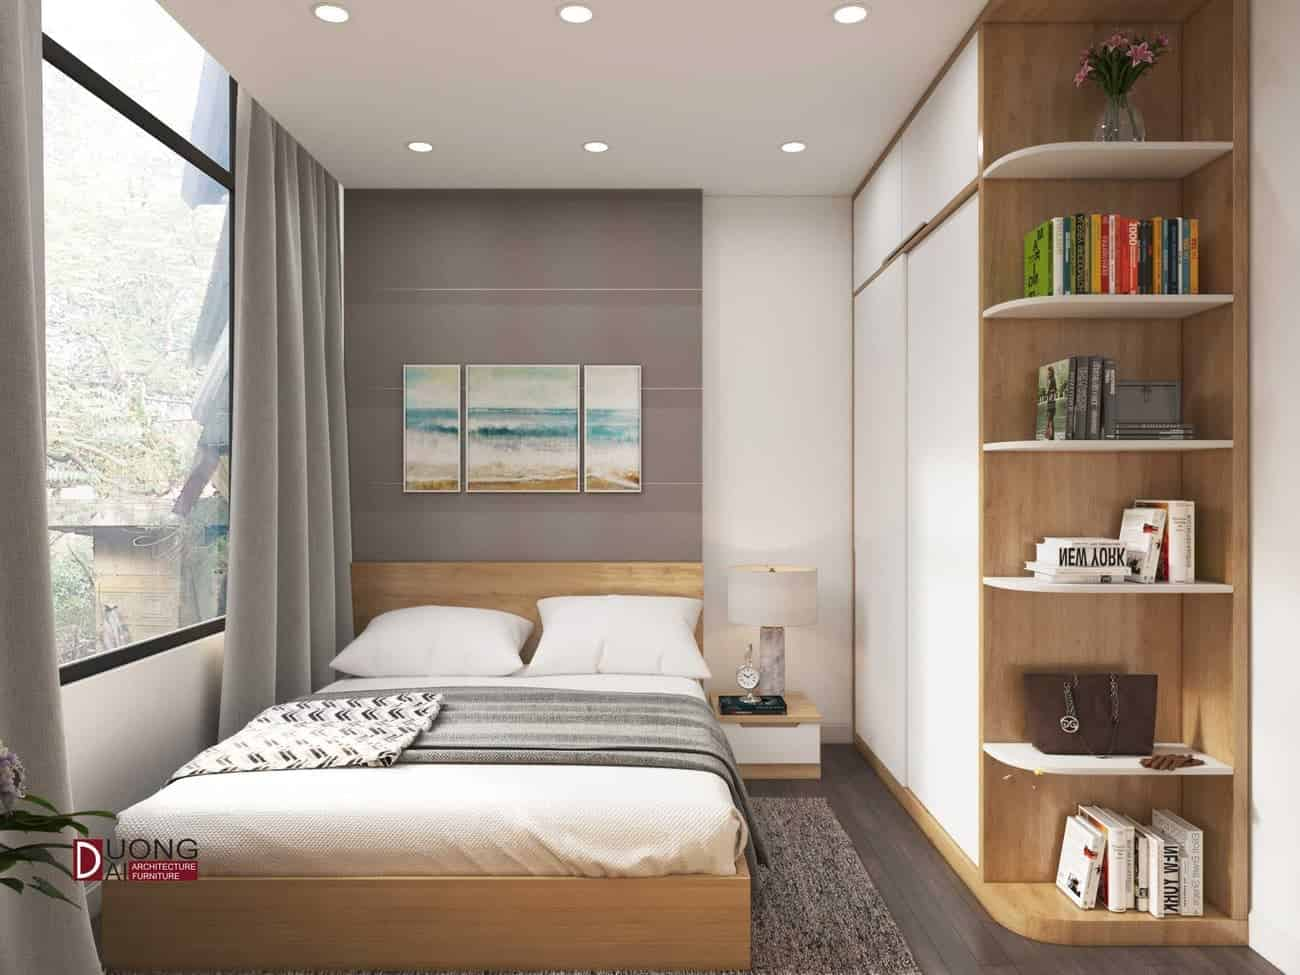 Đáng kinh ngạc với thiết kế nội thất nhà phố Hà Nội - Chị Vân